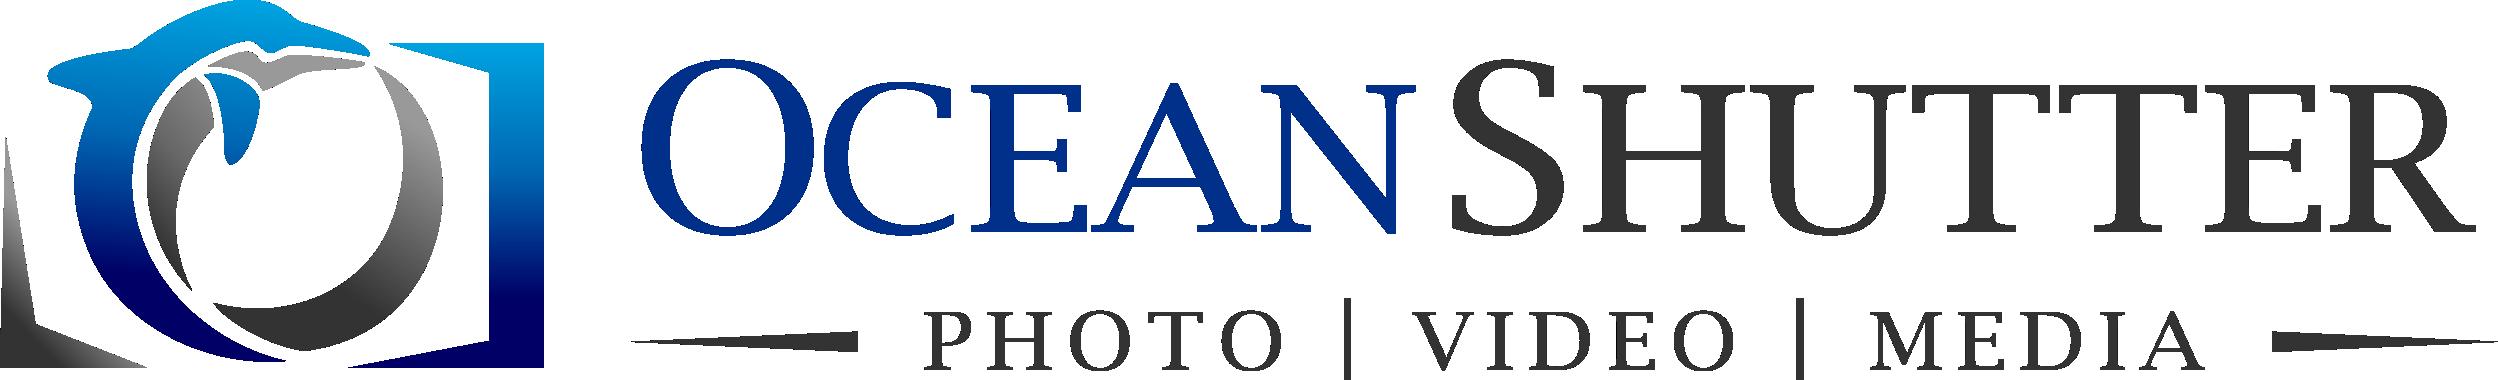 OceanShutter.com